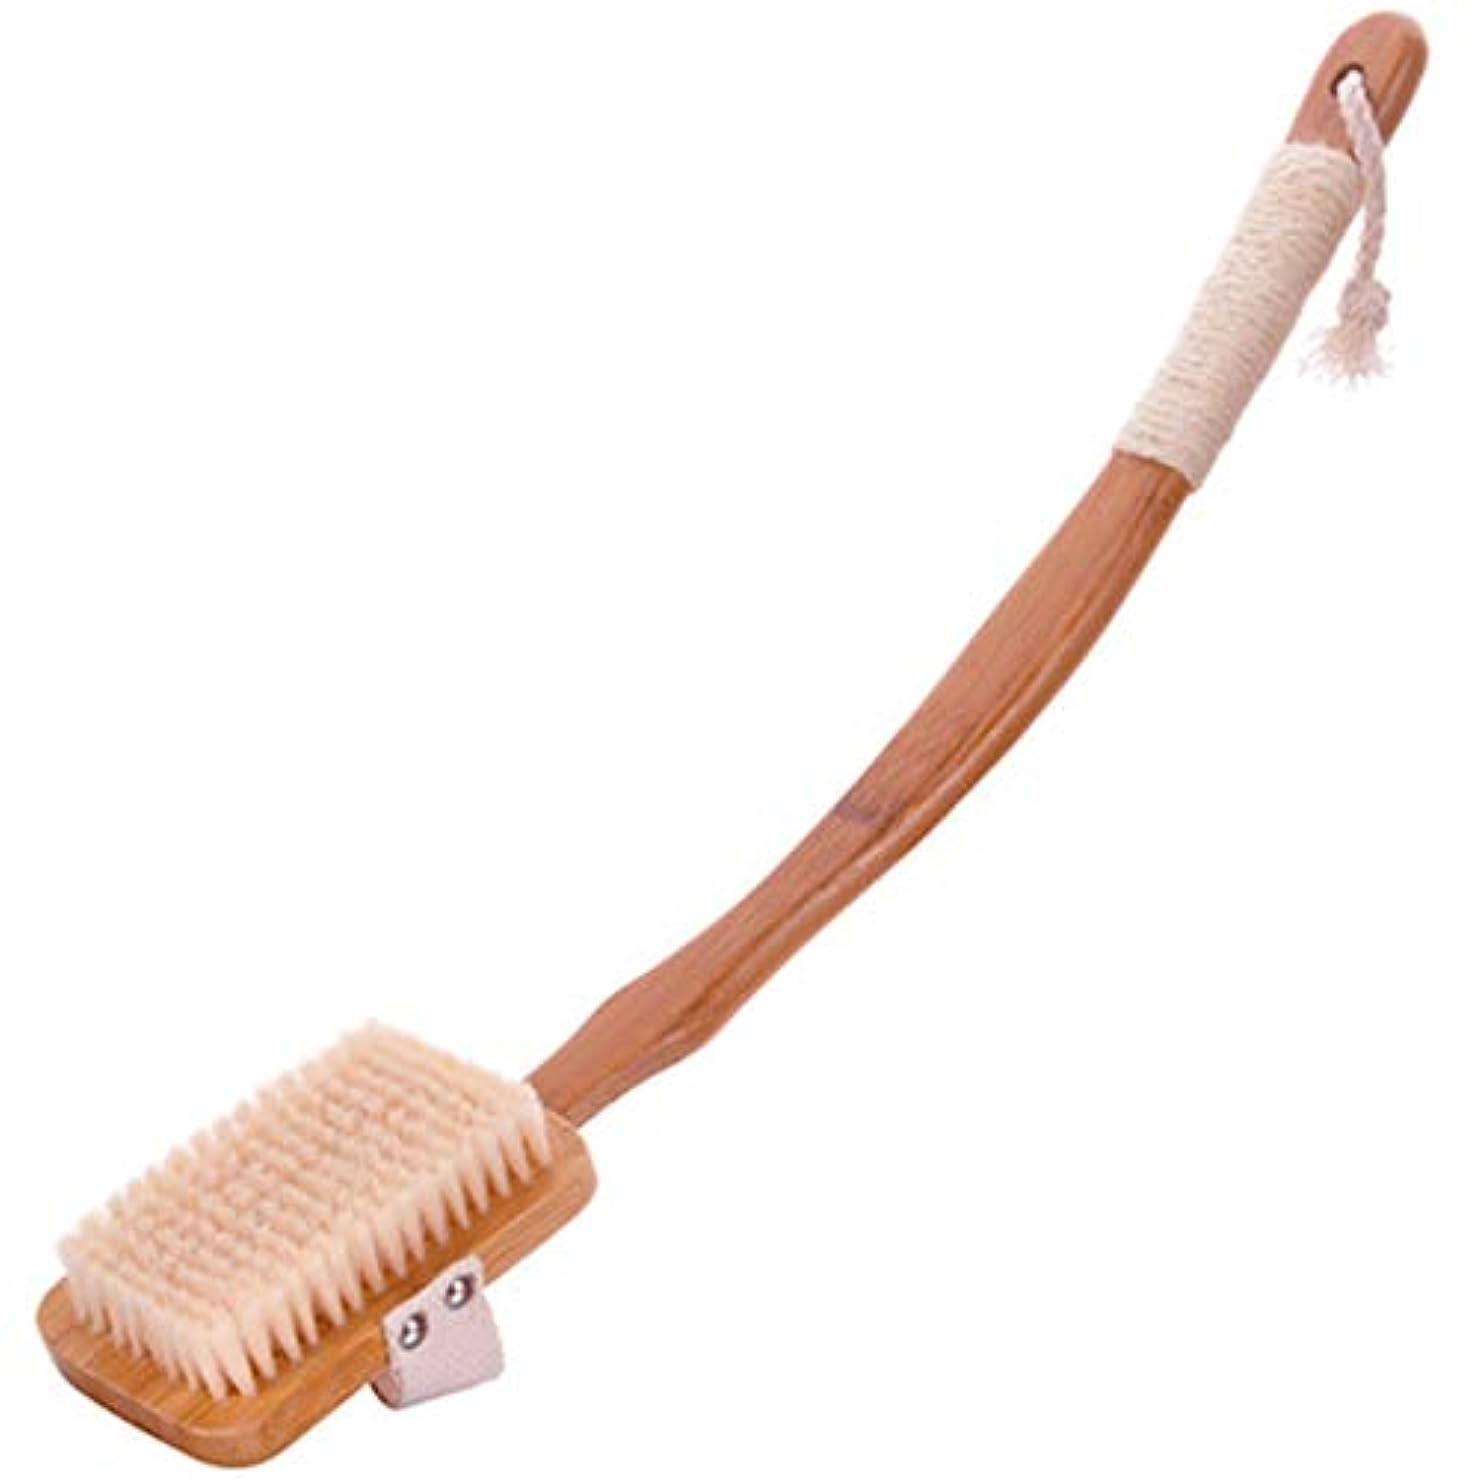 エレメンタル統治するボクシングバスブラシバックブラシロングハンドルやわらかい毛髪バスブラシバスブラシ角質除去クリーニングブラシ (Color : Wood color)